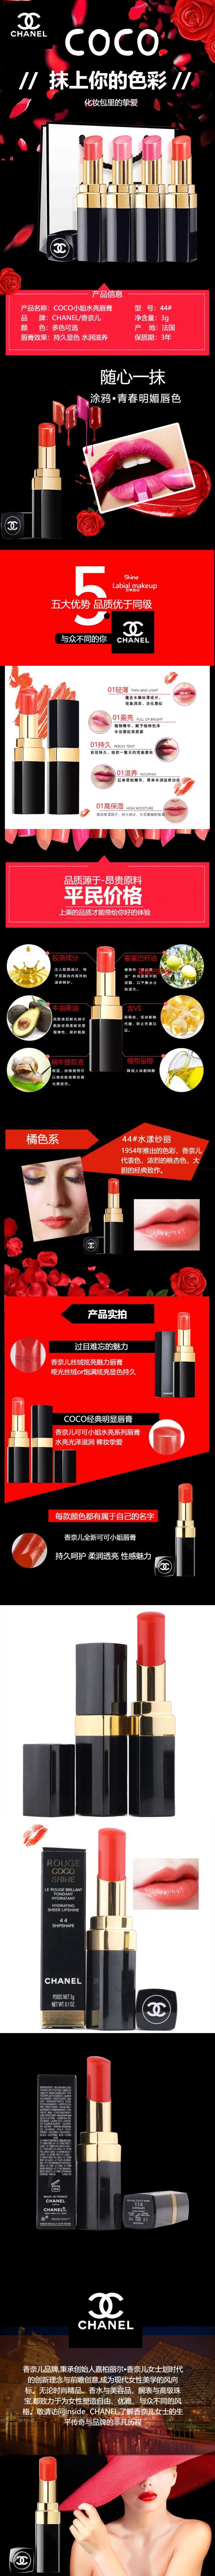 时尚浪漫美妆口红电商详情页